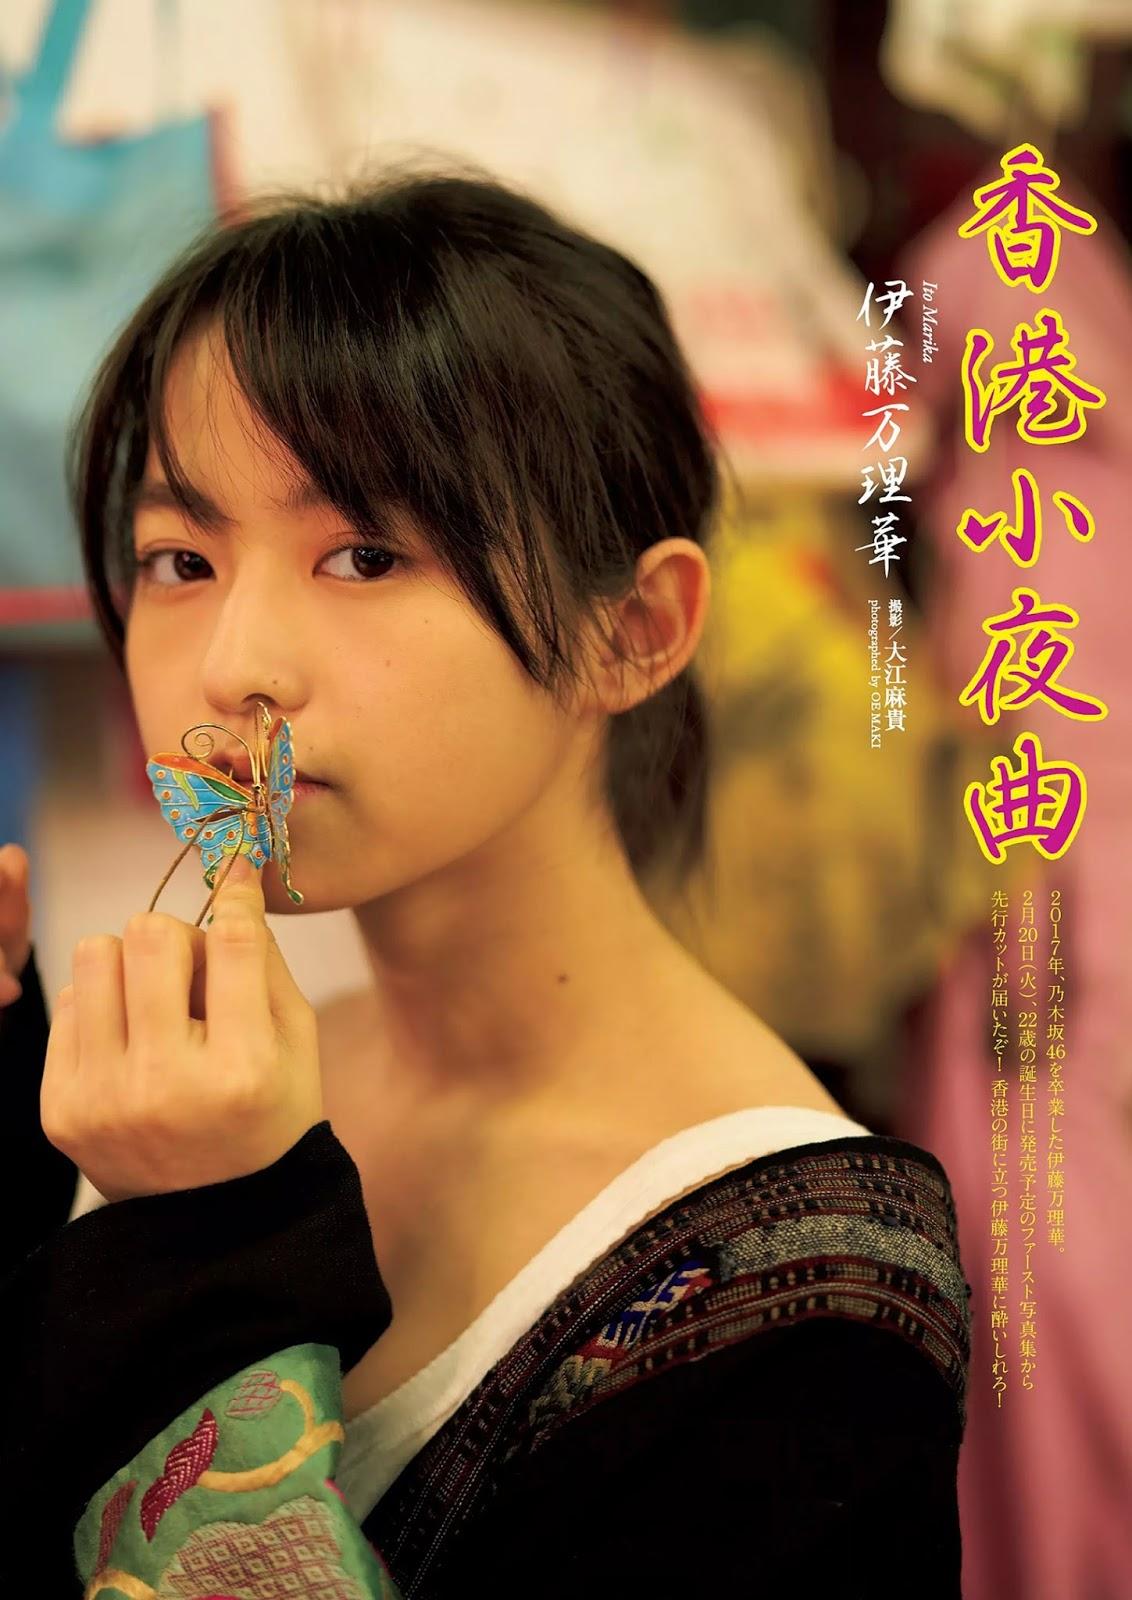 Ito Marika 伊藤万理華, Weekly Playboy 2018 No.03-04 (週刊プレイボーイ 2018年3-4号)